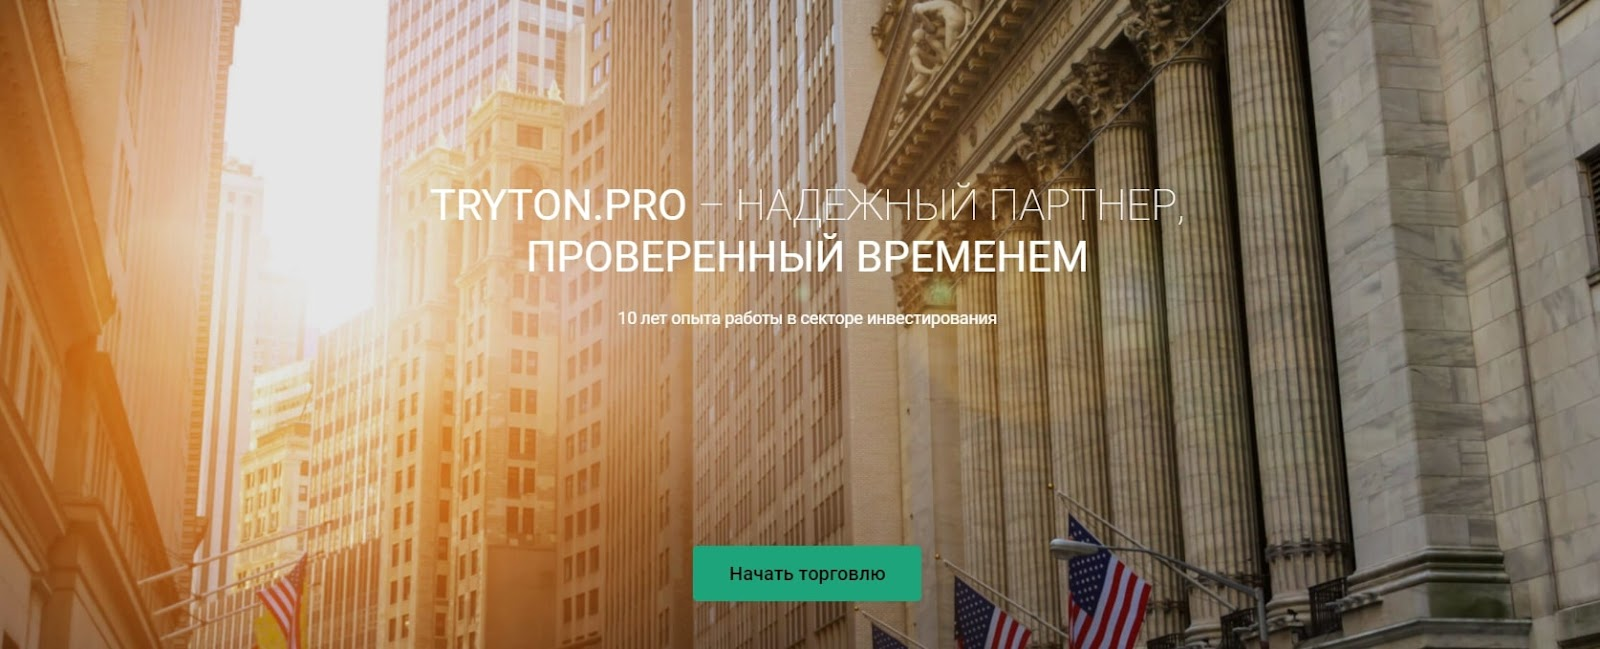 Особенности работы Tryton Pro: подробный обзор и честные отзывы реальные отзывы